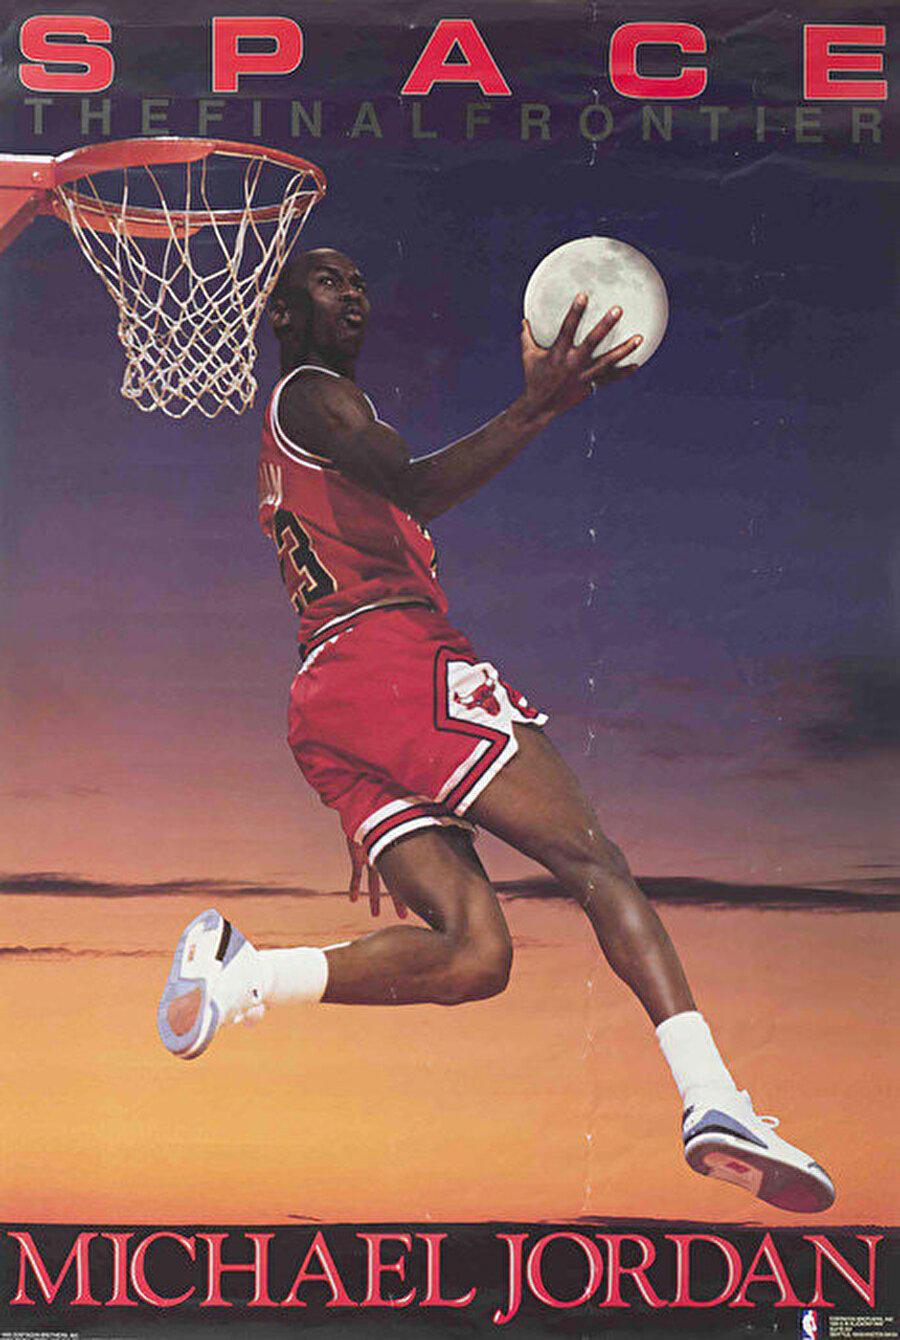 Michael Jordan O'nu tanımayan yoktur. Michael Jordan, NBA tarihinin gelmiş geçmiş en iyi sporcusu unvanının sahibidir. Jordan, NBA'de; 1990-91, 1991-92, 1992-93, 1995-96, 1996-97, 1997-98 sezonlarında şampiyonluk yaşadı.